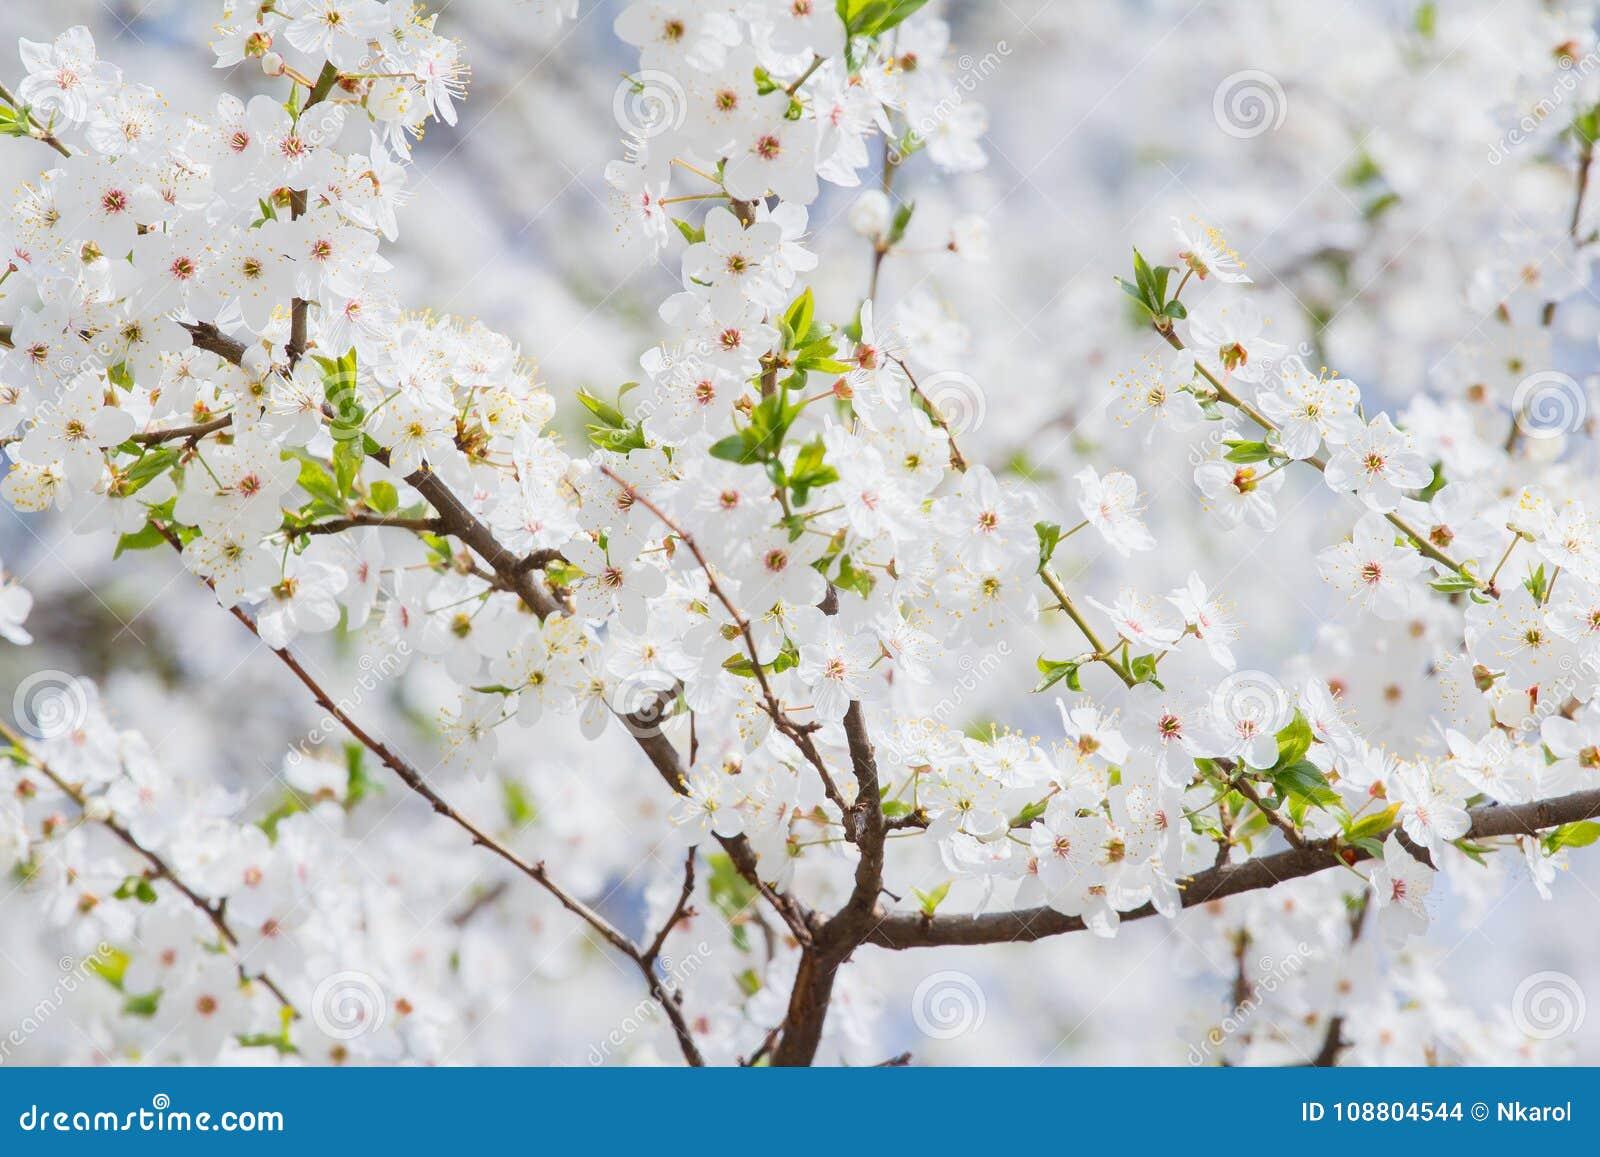 Fiori Bianchi Di Primavera.Fondo Del Fiore Di Sakura Della Primavera Dei Fiori Bianchi E Rosa